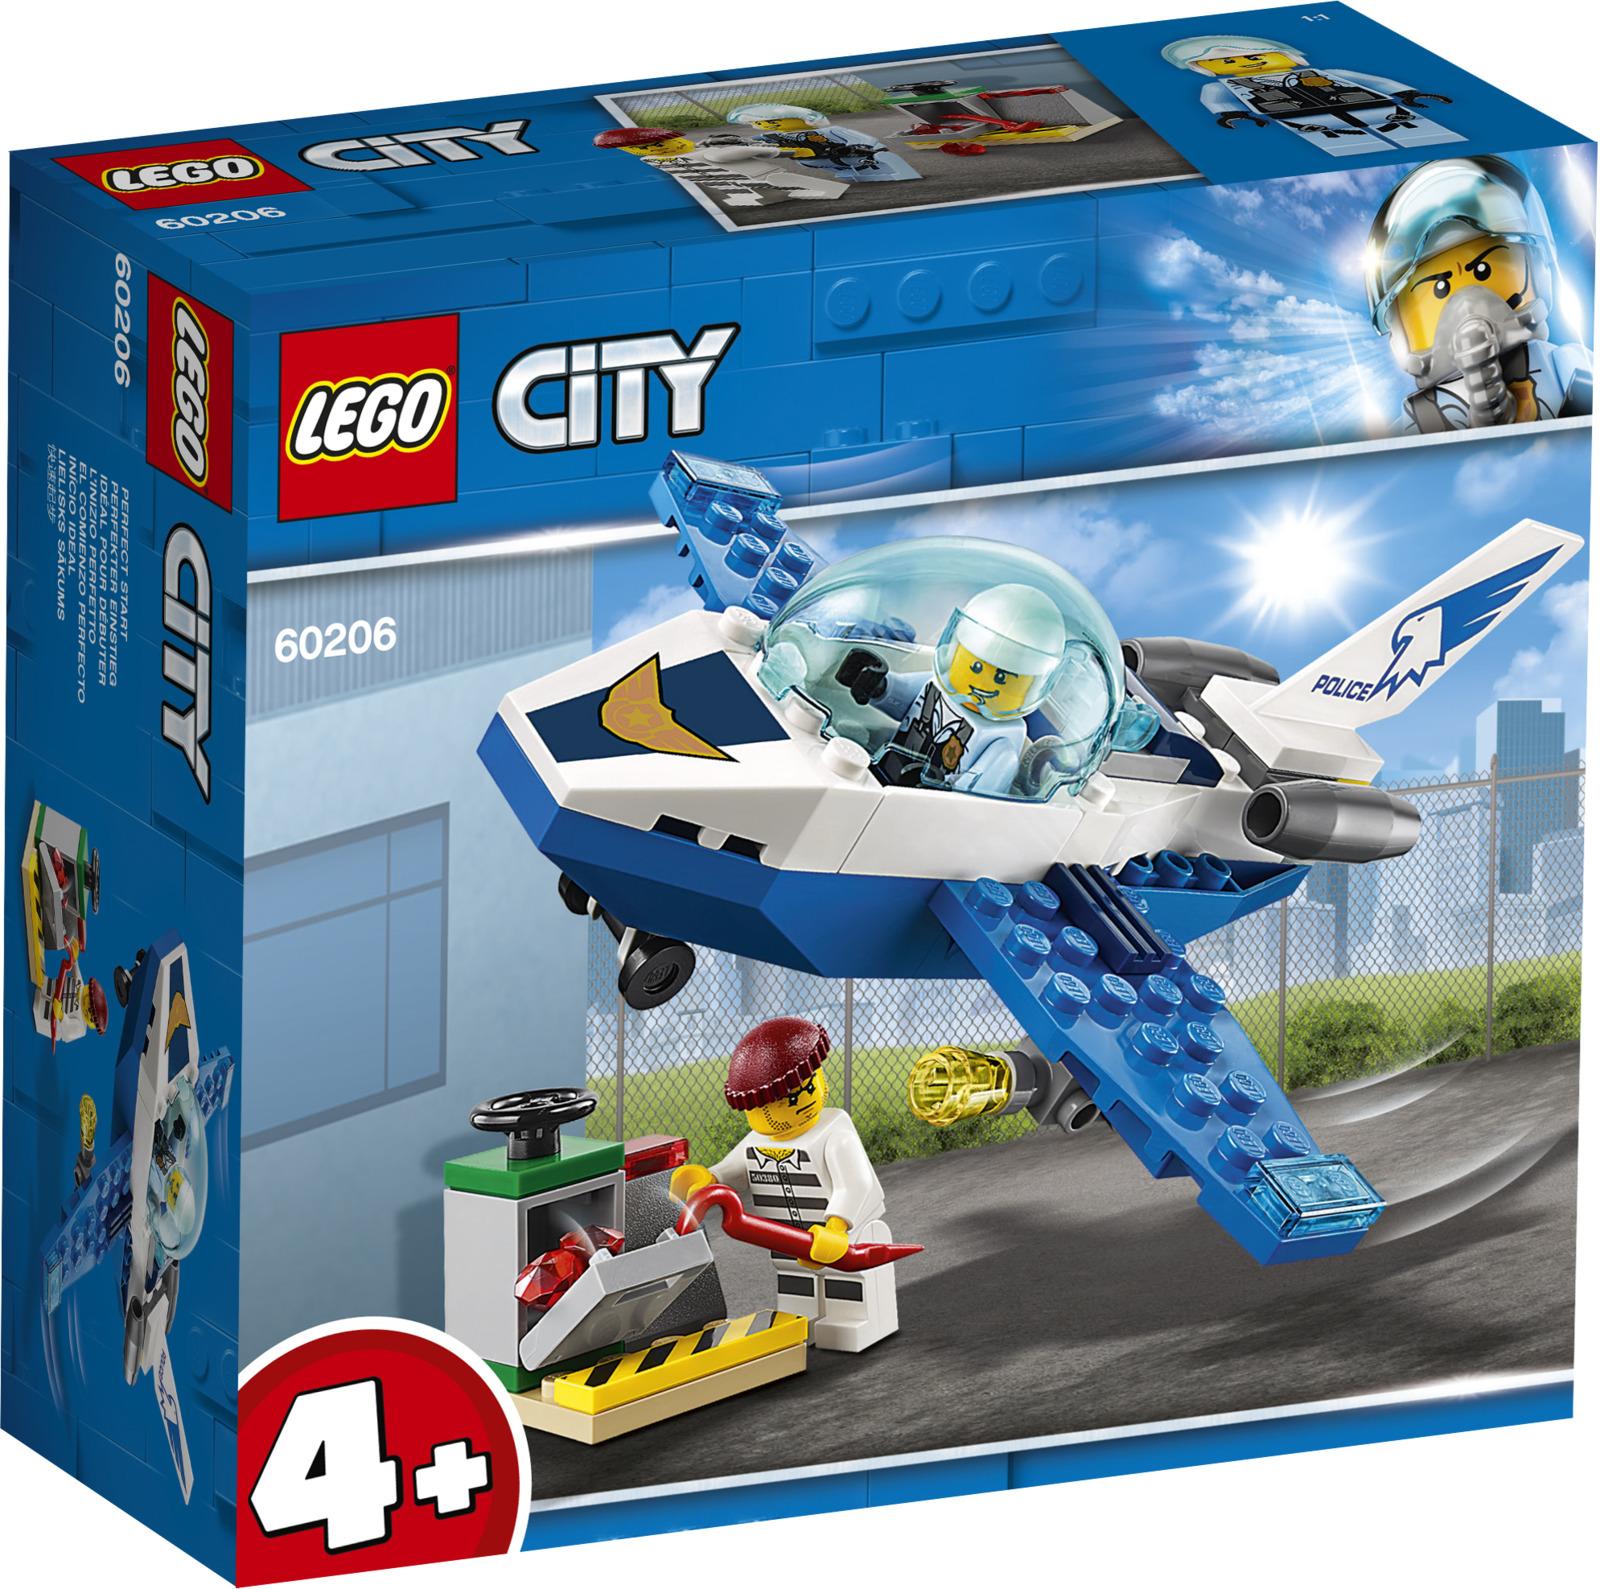 LEGO City Police 60206 Воздушная полиция, патрульный самолет Конструктор mantra настенный светильник mantra jeri 6373